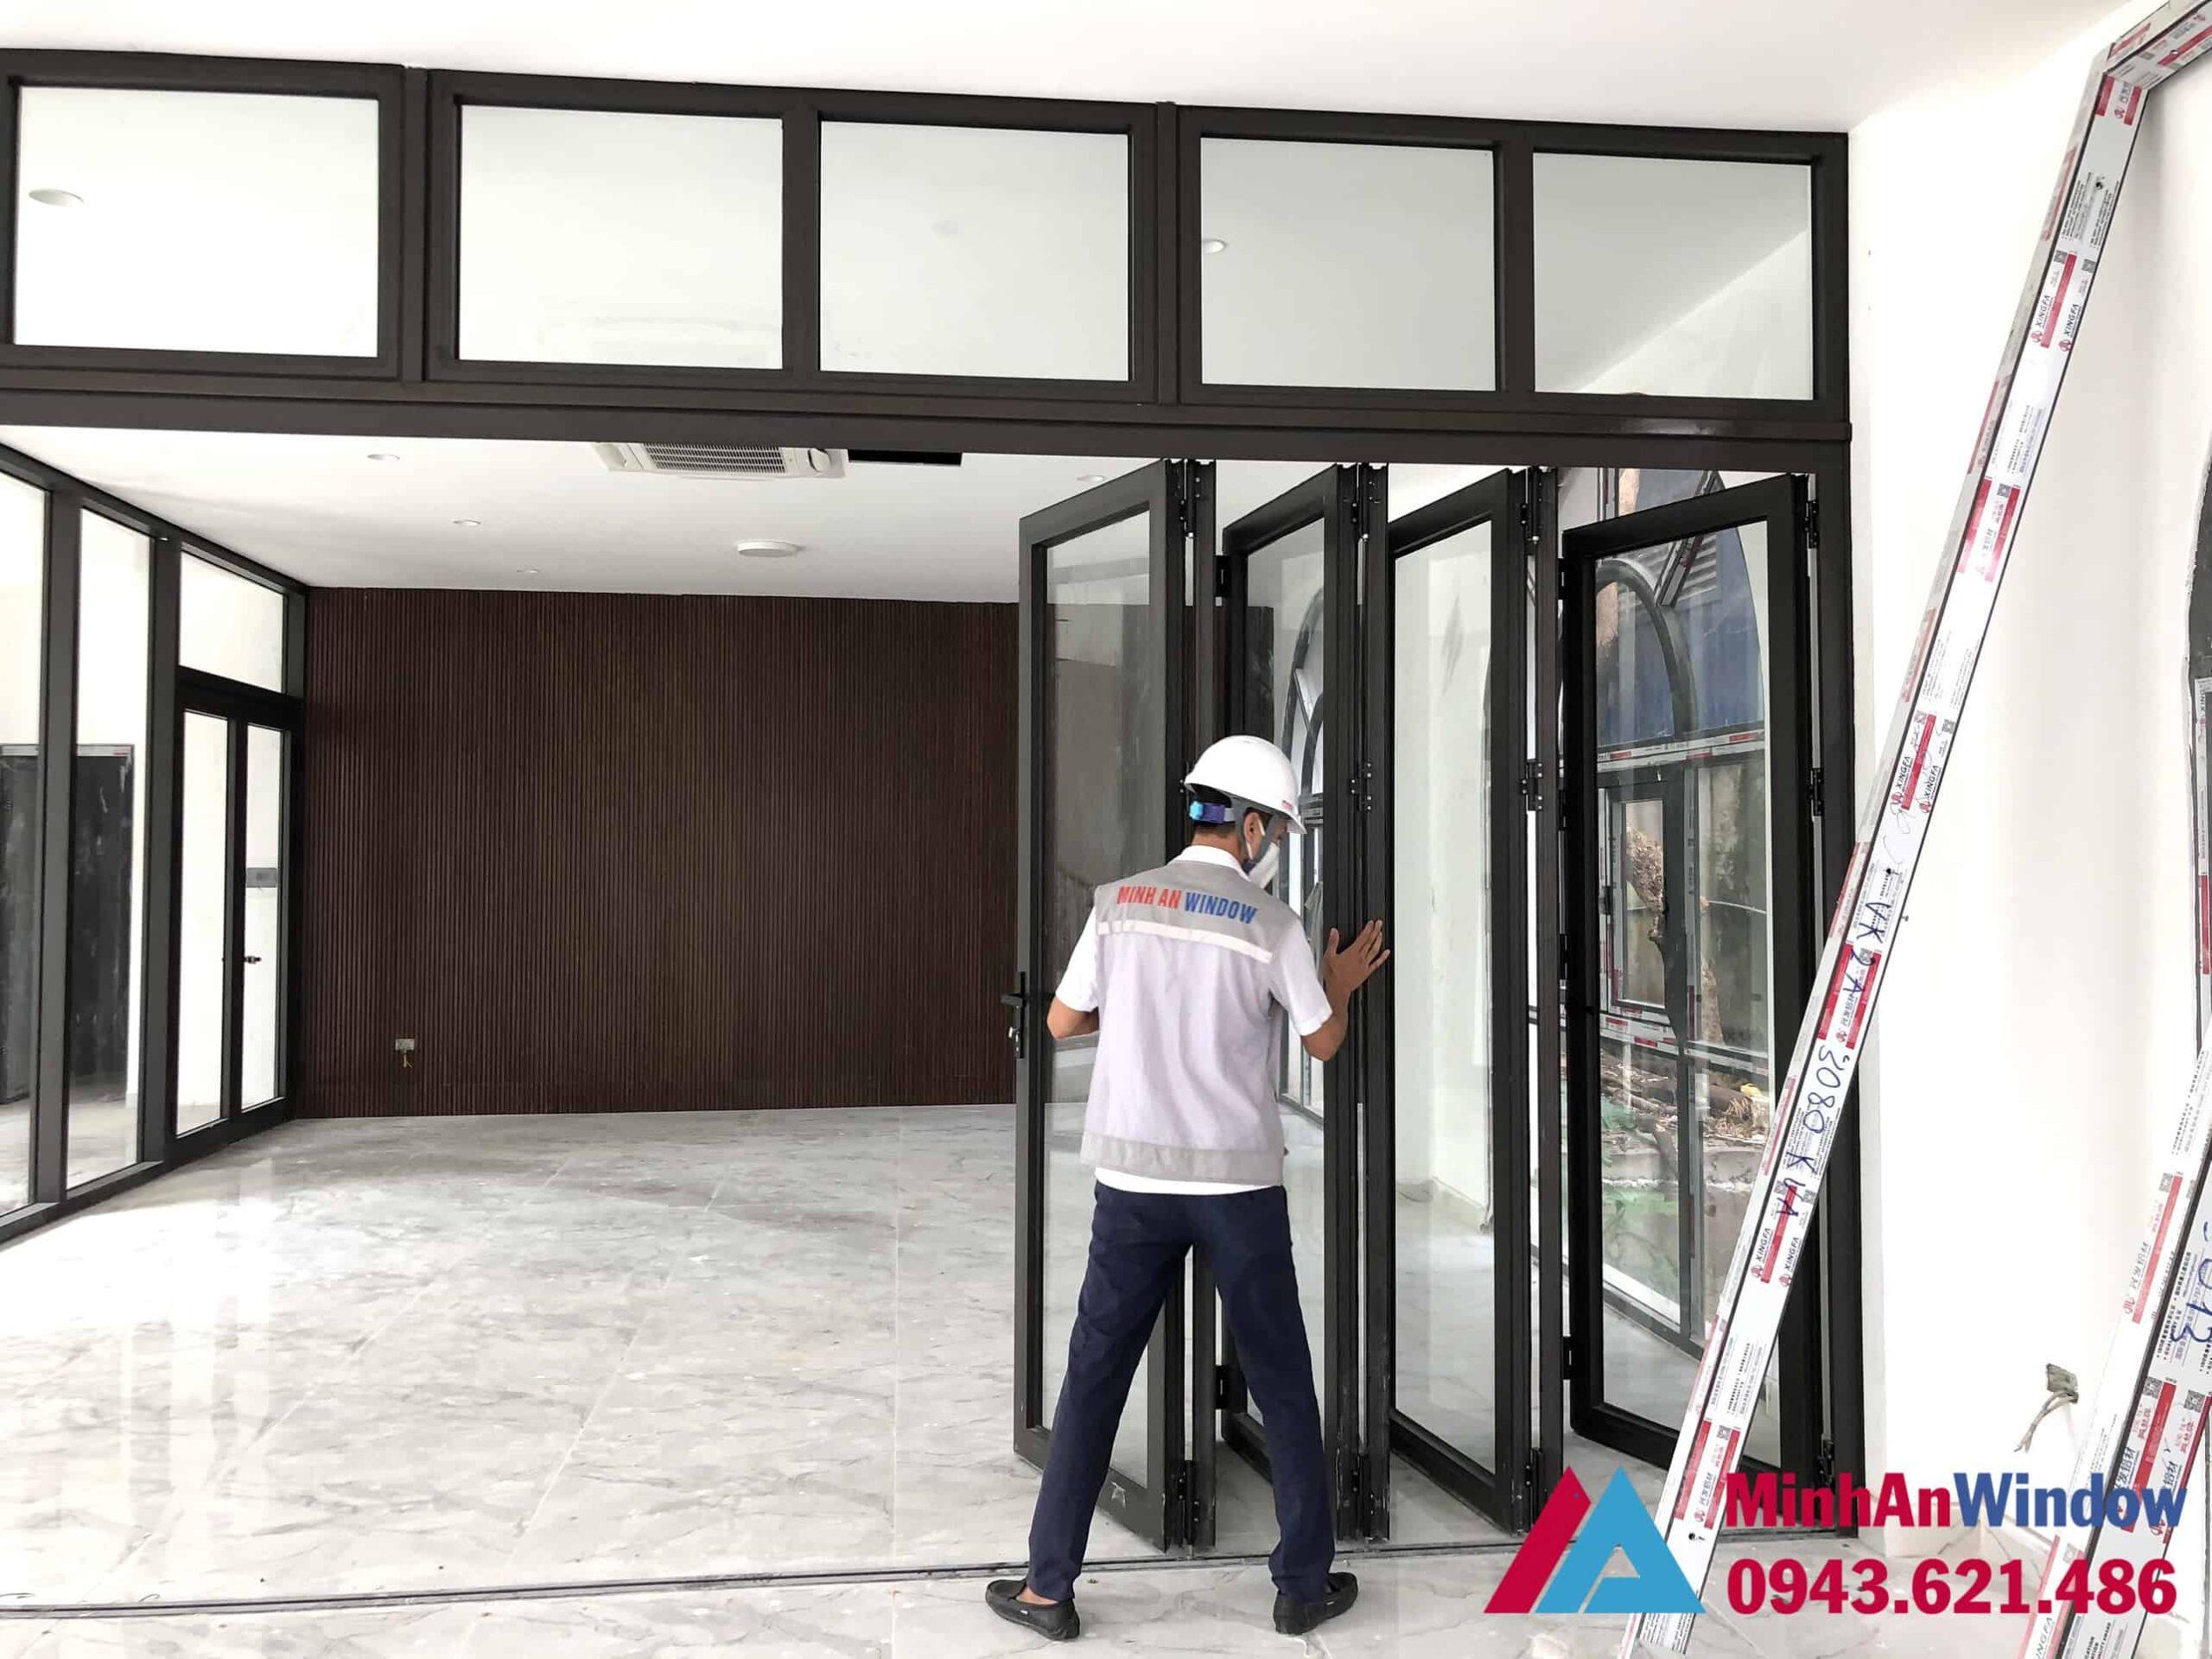 Mẫu cửa nhôm kính nhiều cánh Minh An Window lắp đặt tại huyện Mê Linh - Hà Nội